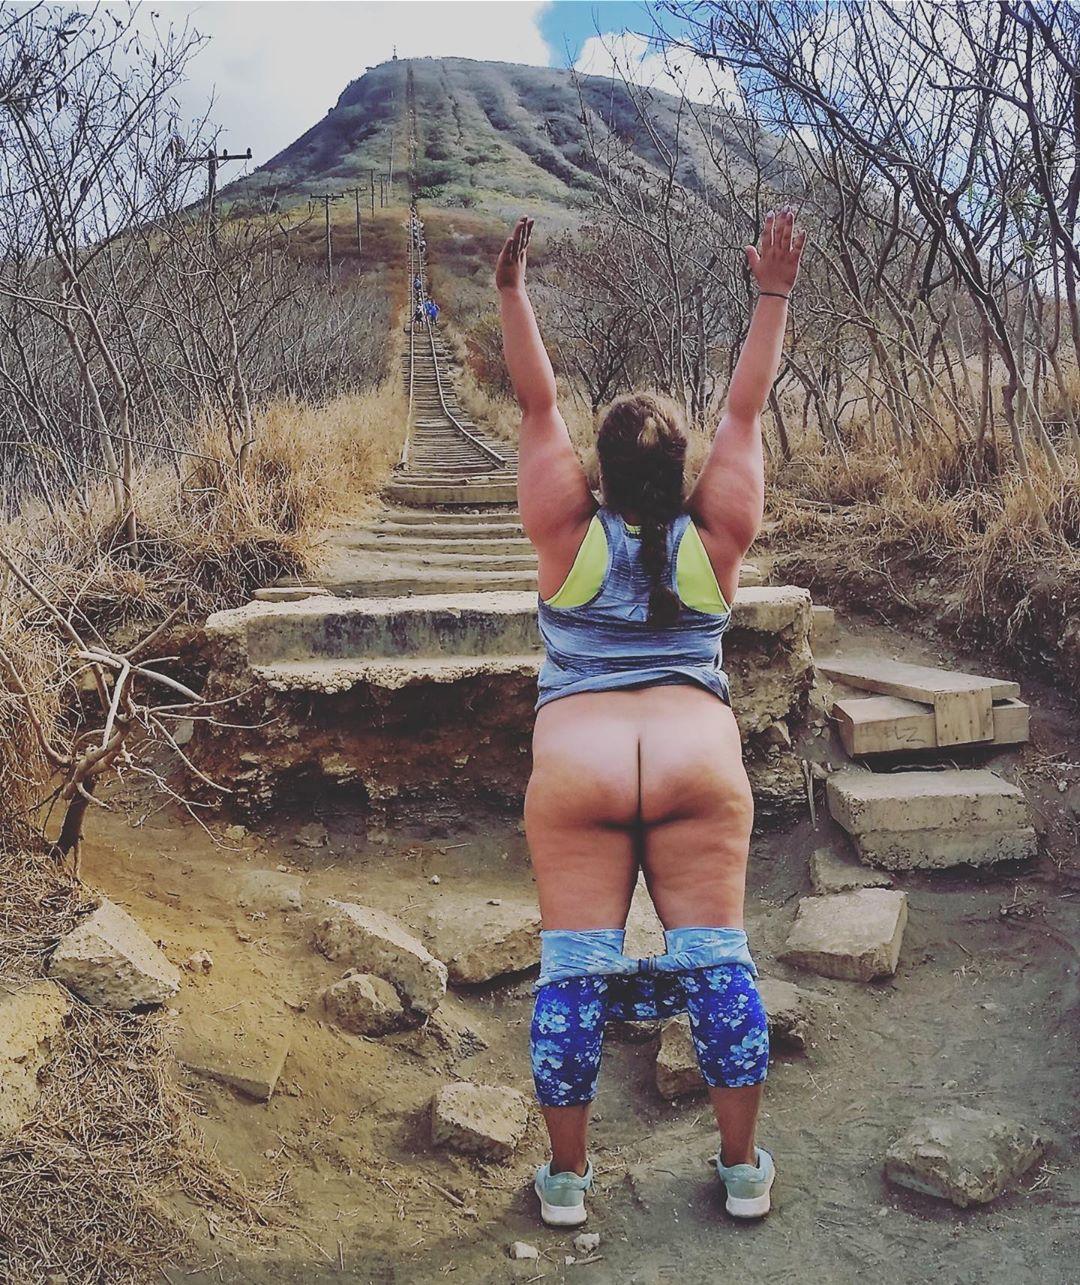 Голозадые путешественники продолжают выкладывать снимки в Instagram